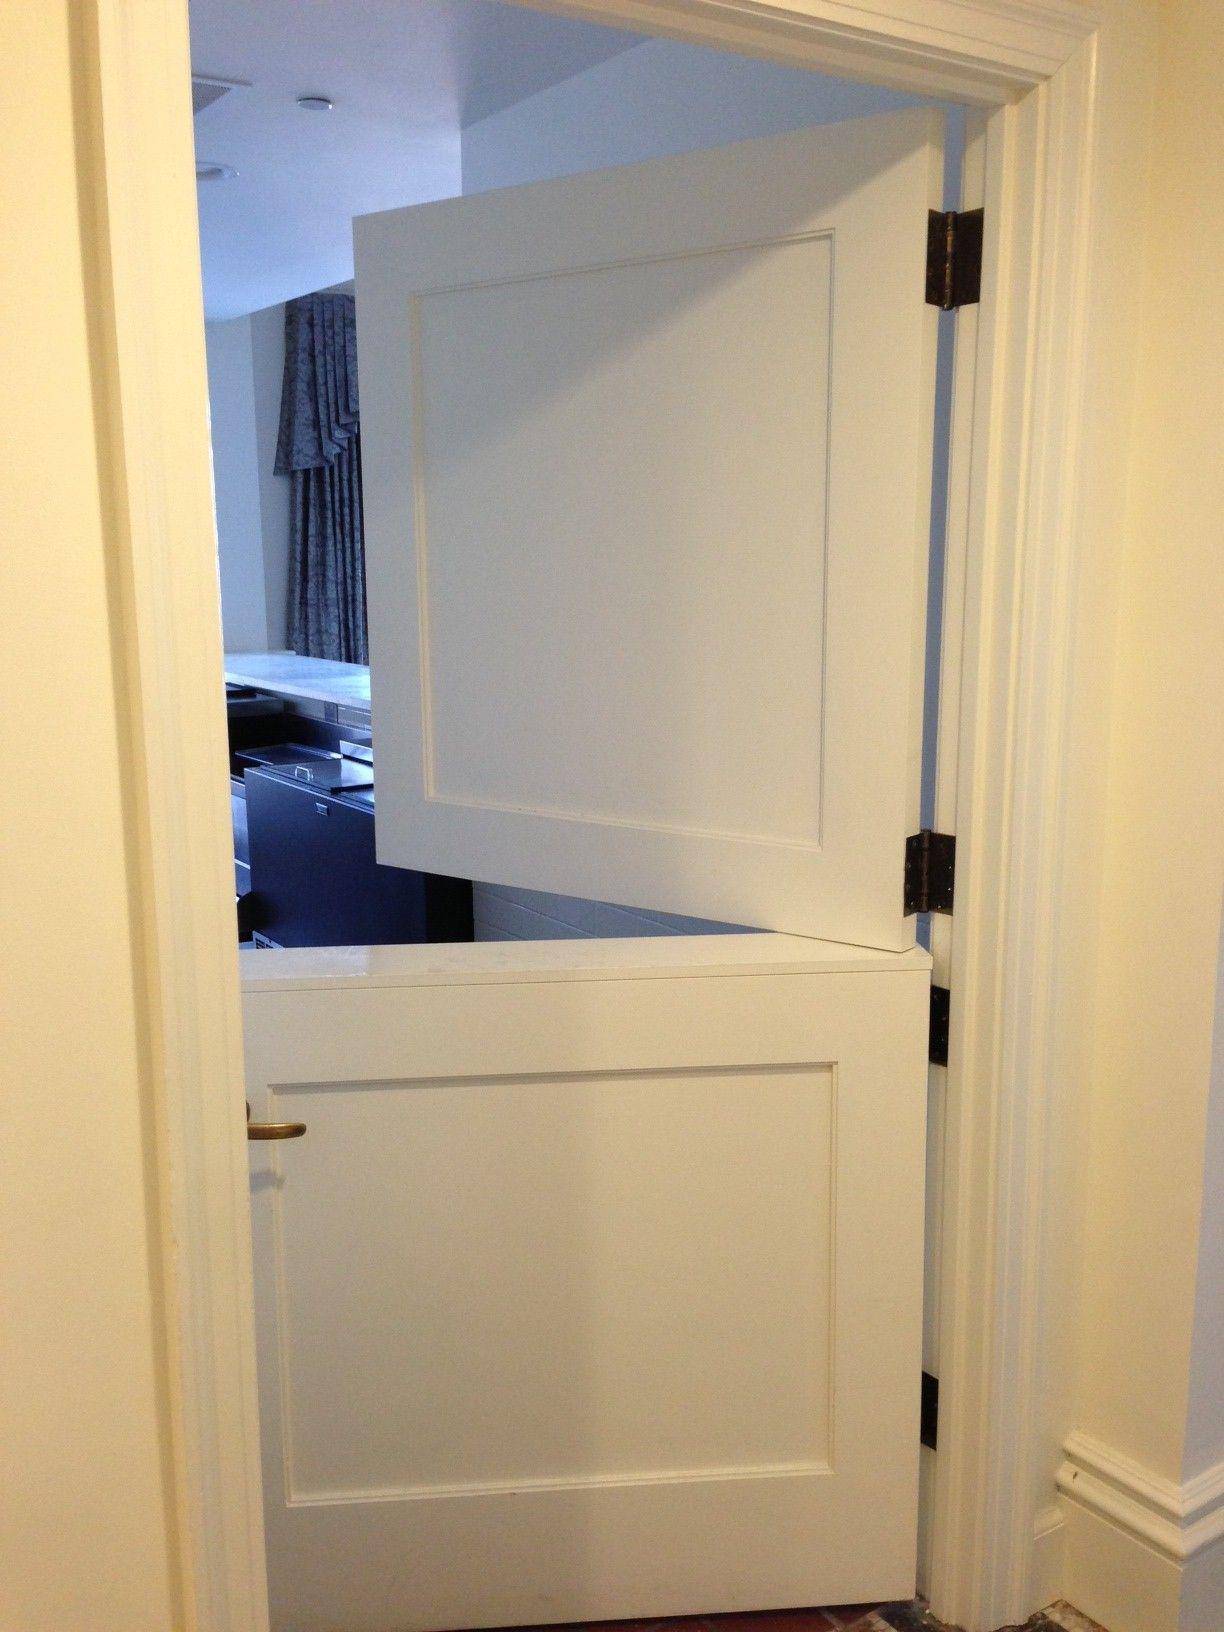 interior door photo 5 doors diy on Internal Split Doors id=57182